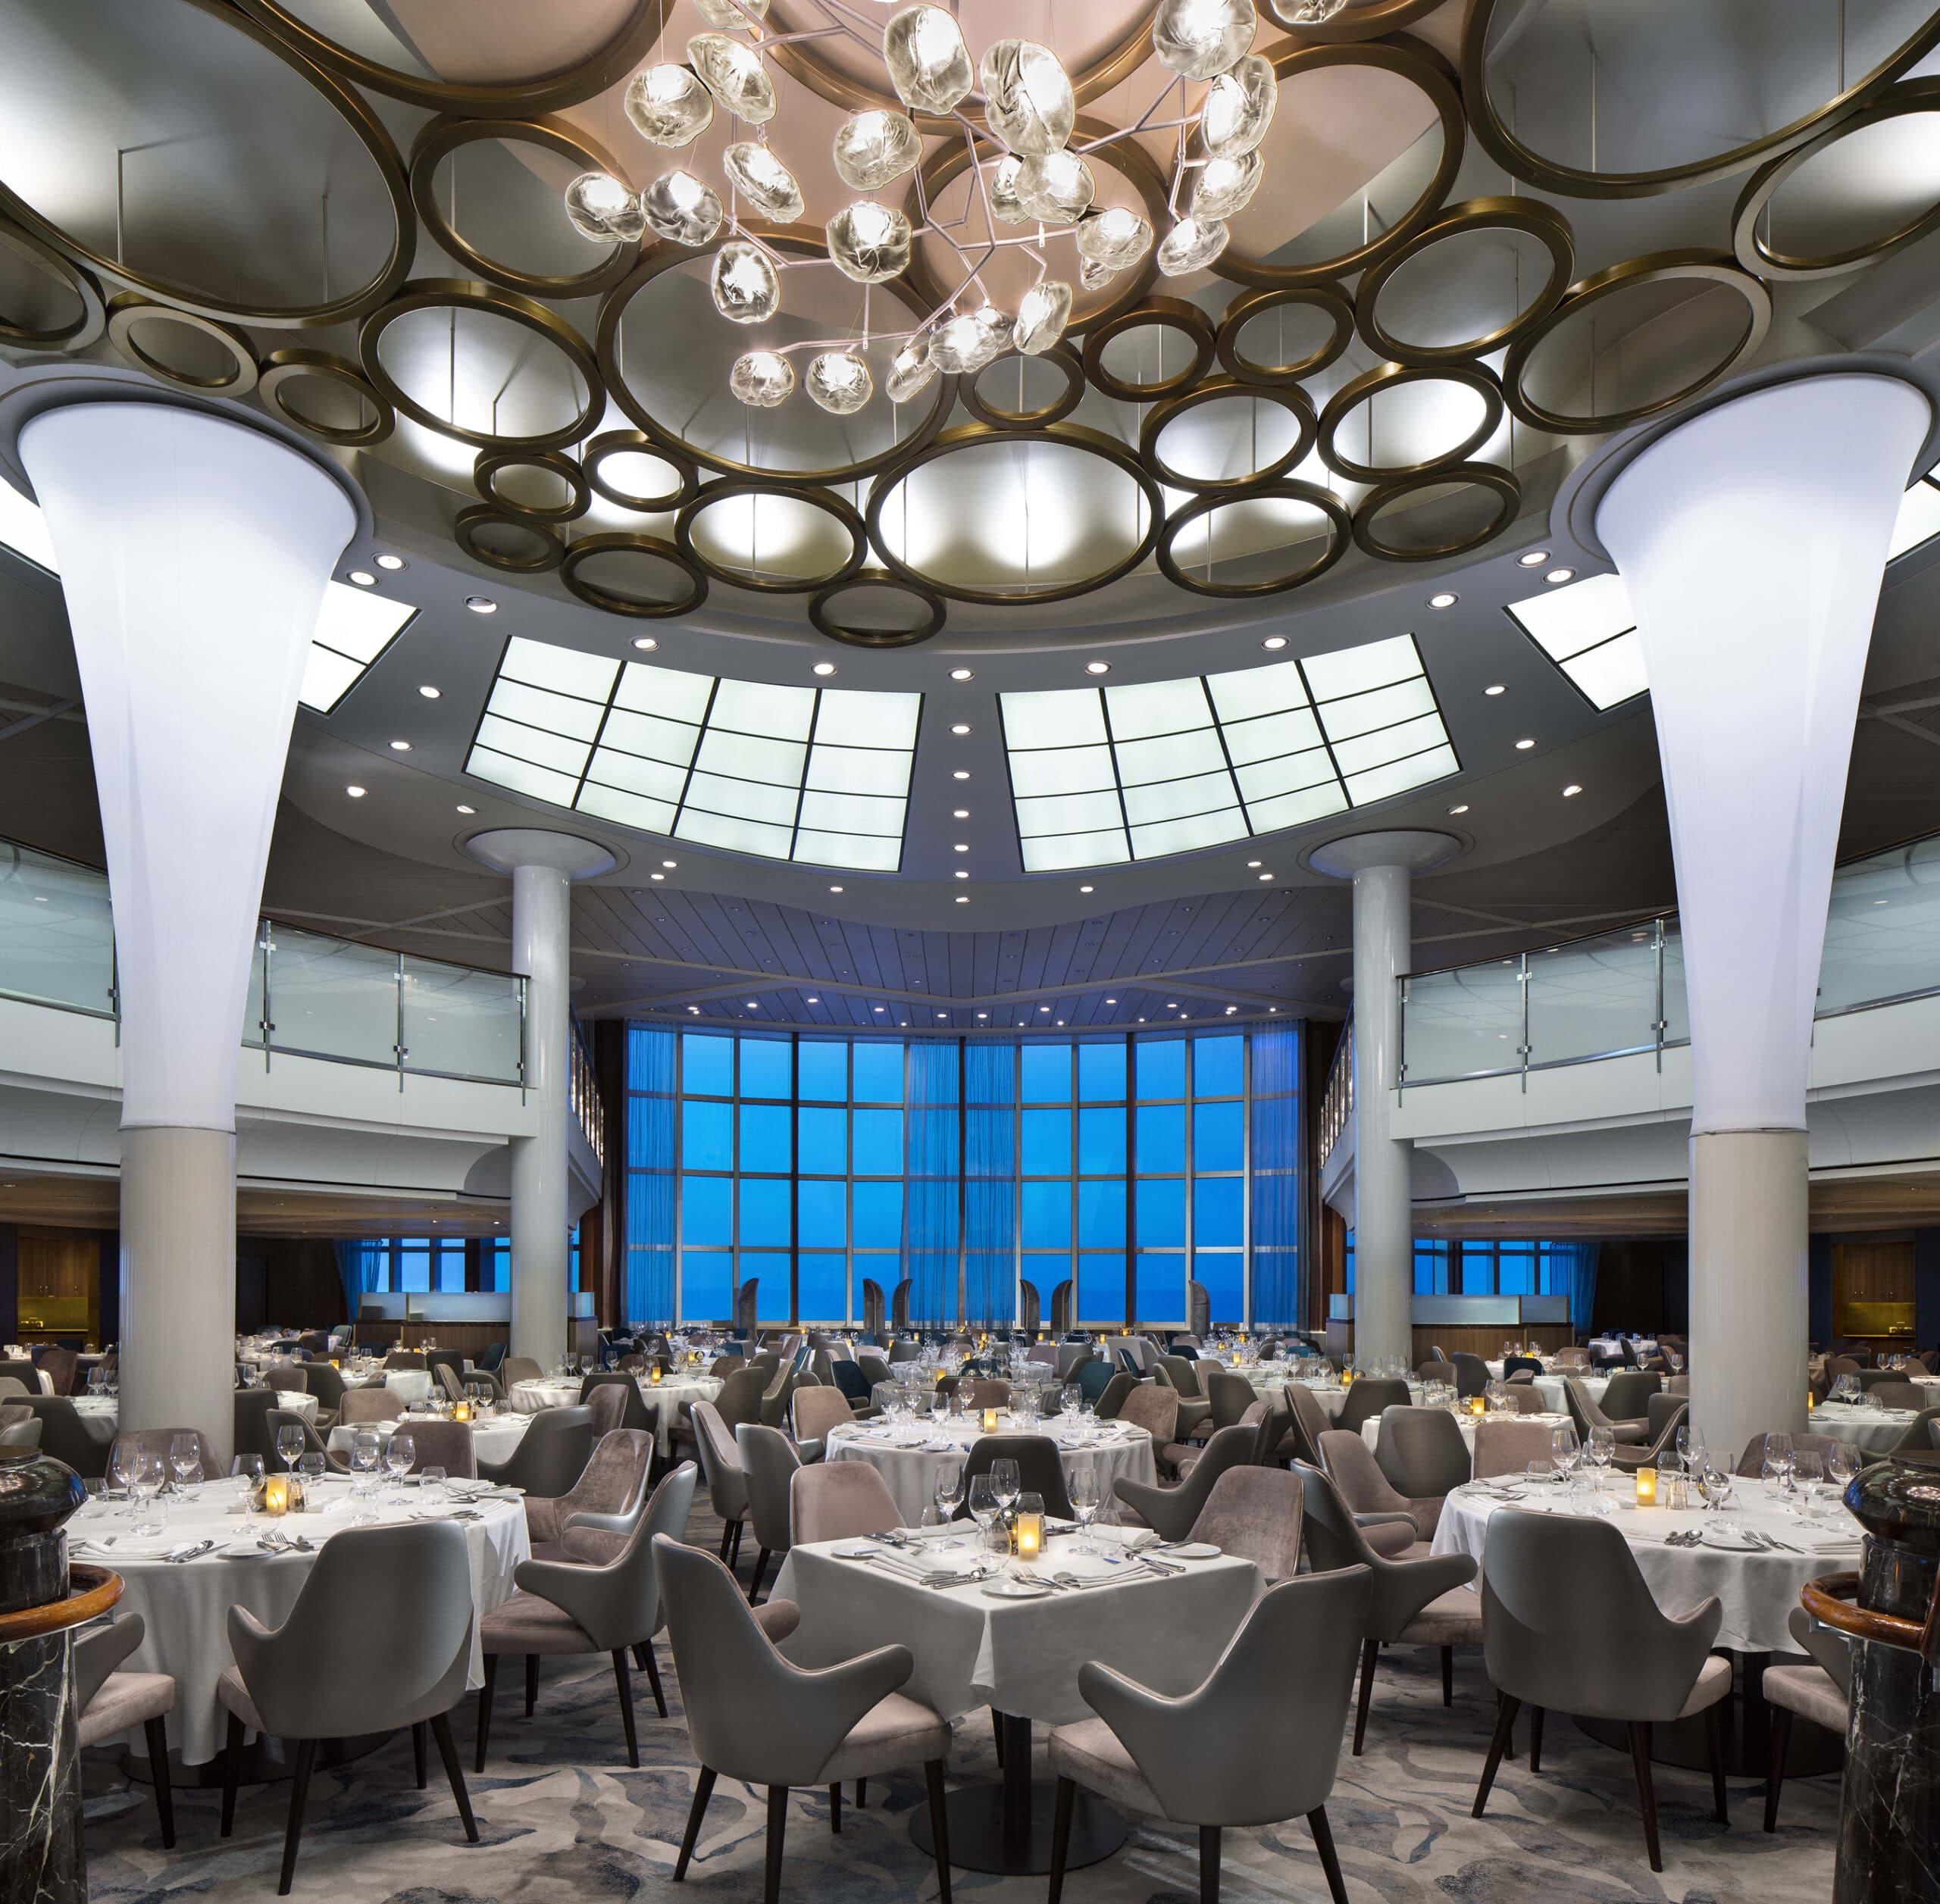 Cruiseschip-Celebrity Summit-Celebrity-Metropolitan Restaurant